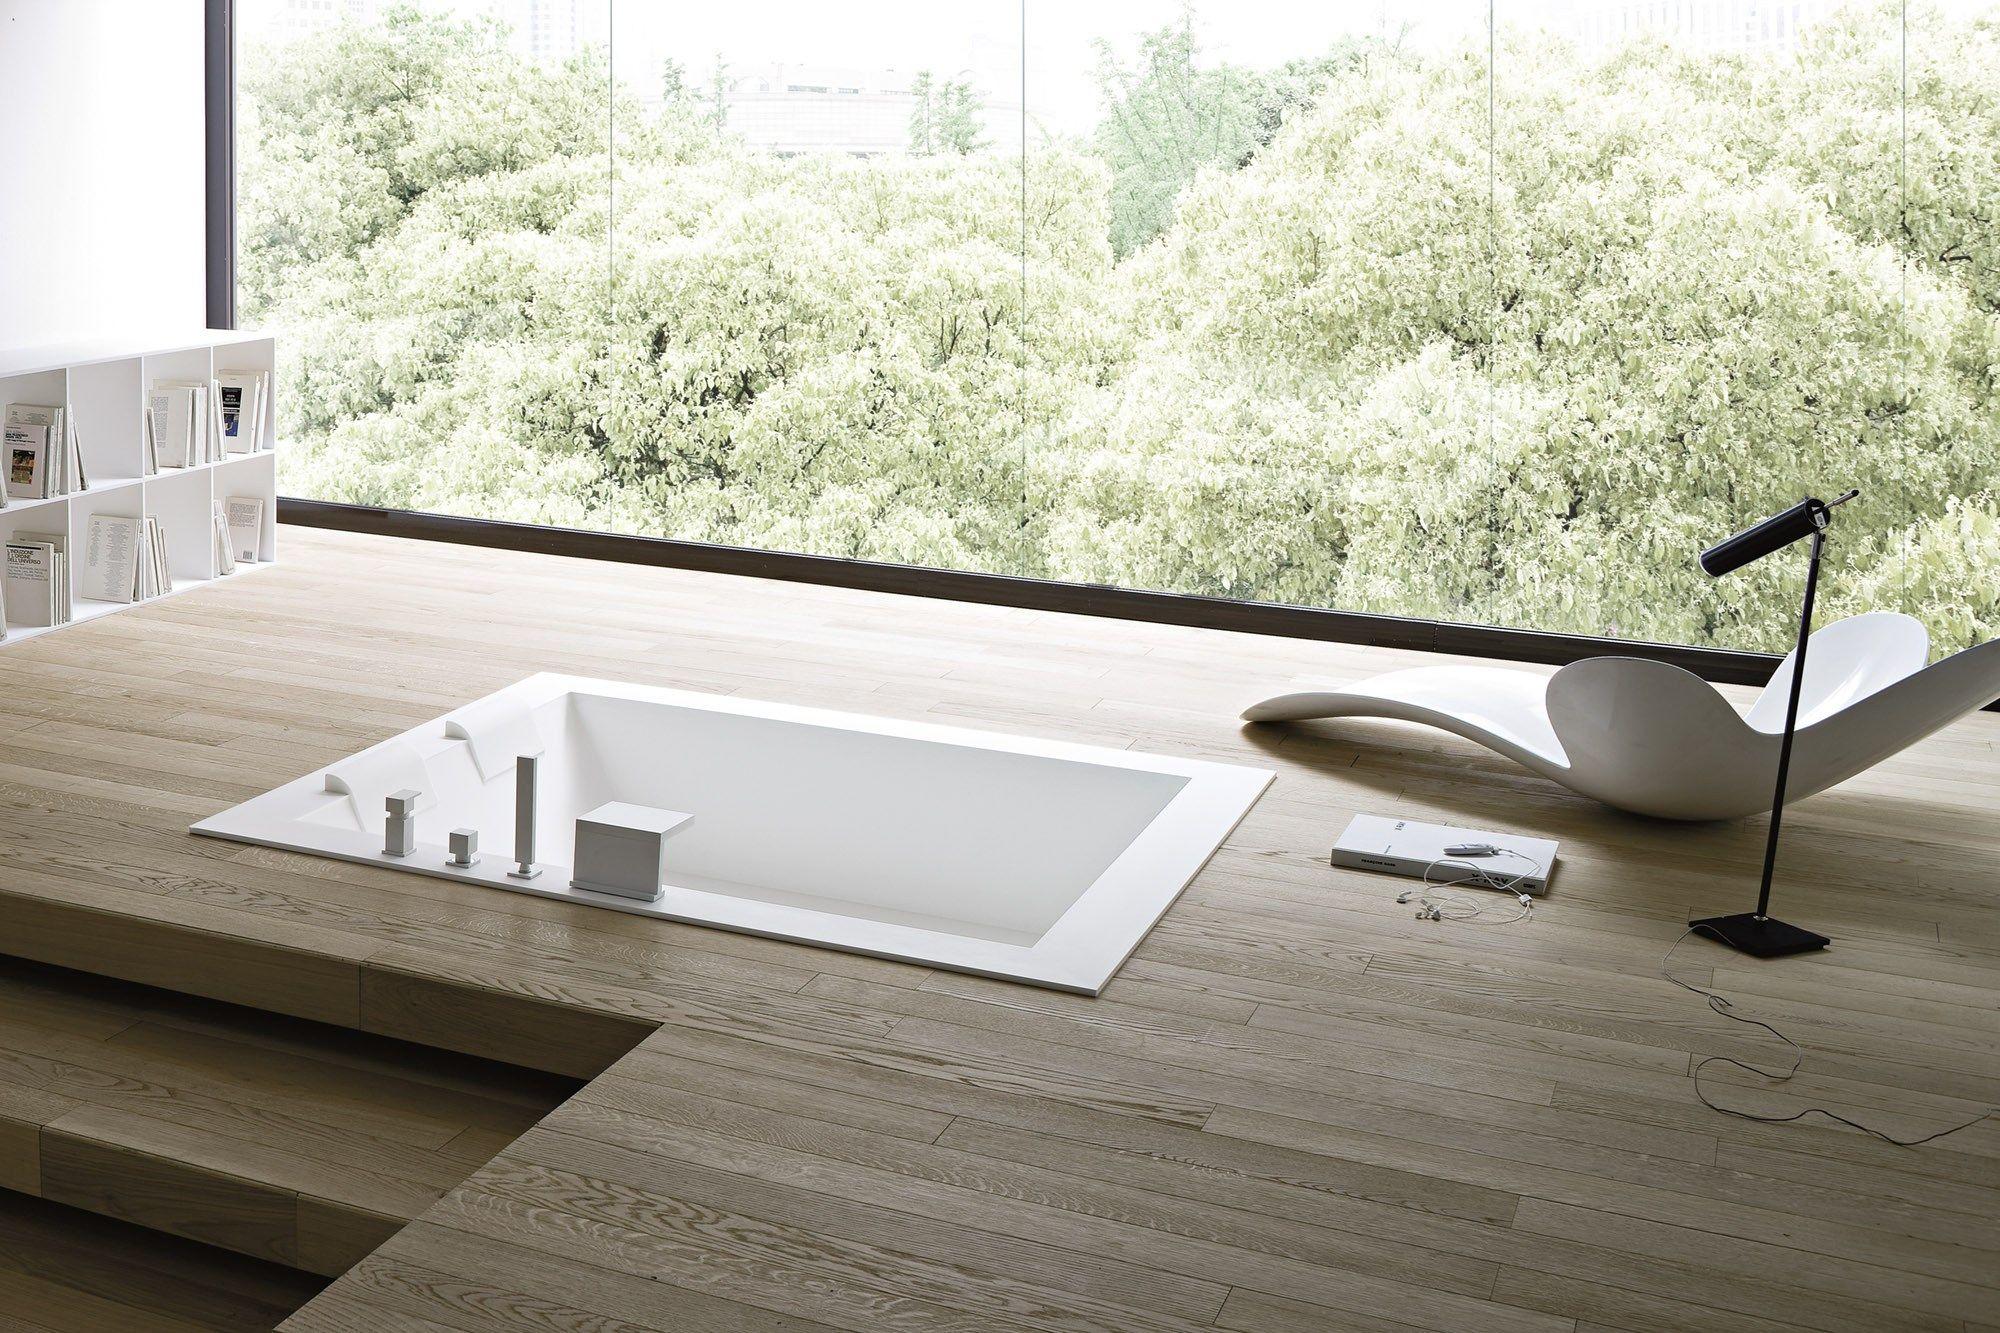 baignoire salle de bain design